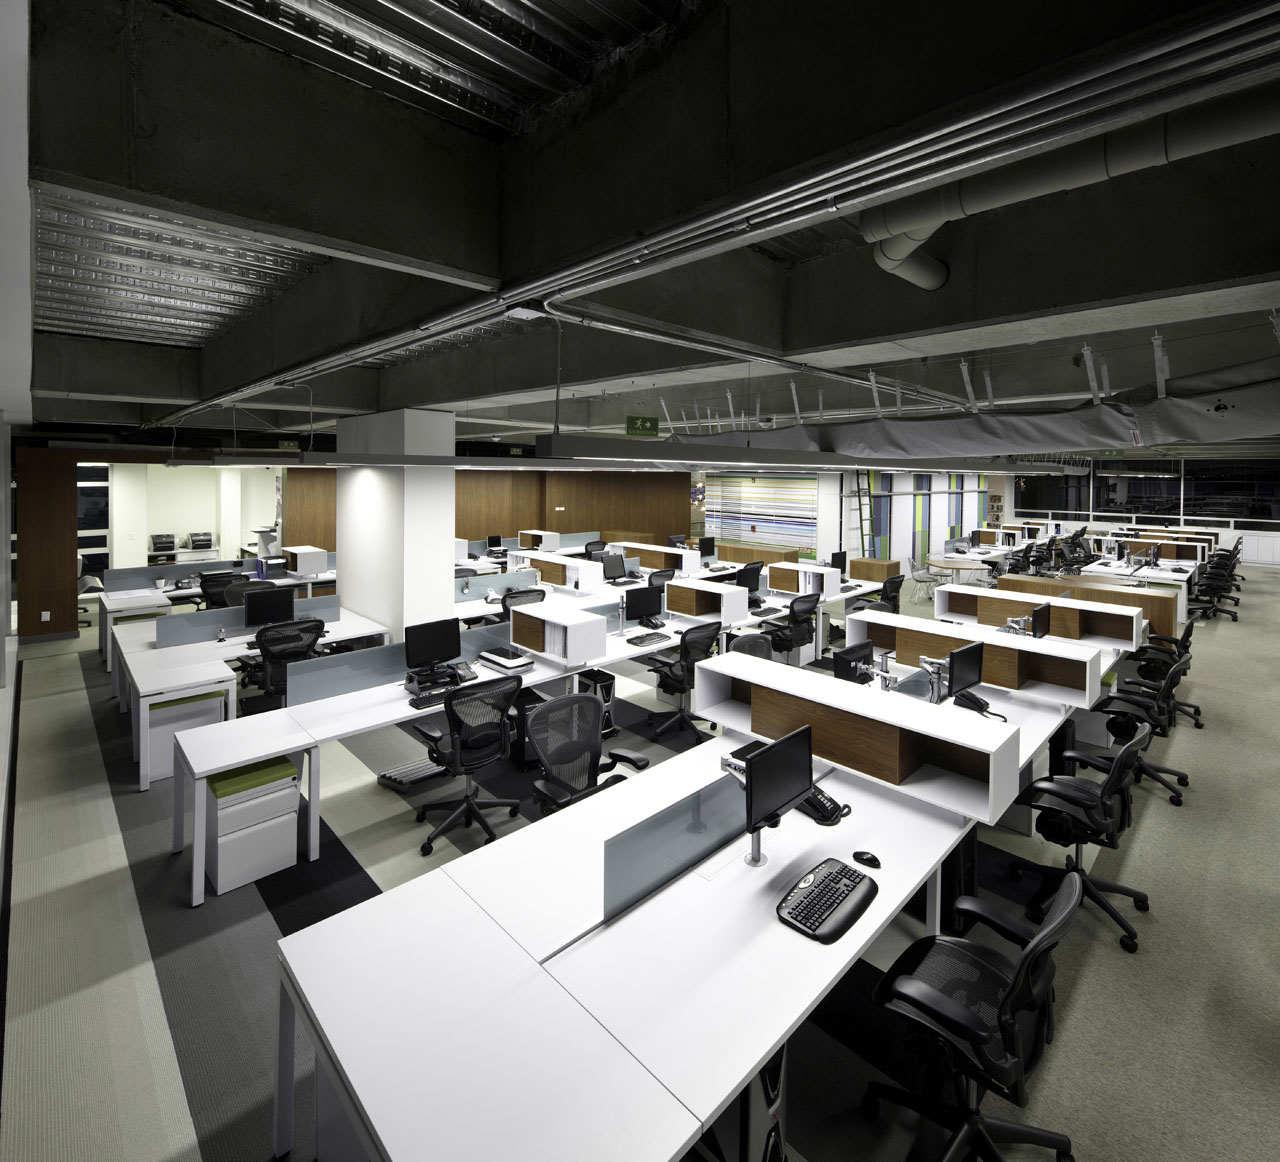 Gallery of aei headquarters arquitectura e interiores 5 - Arquitectura interior ...